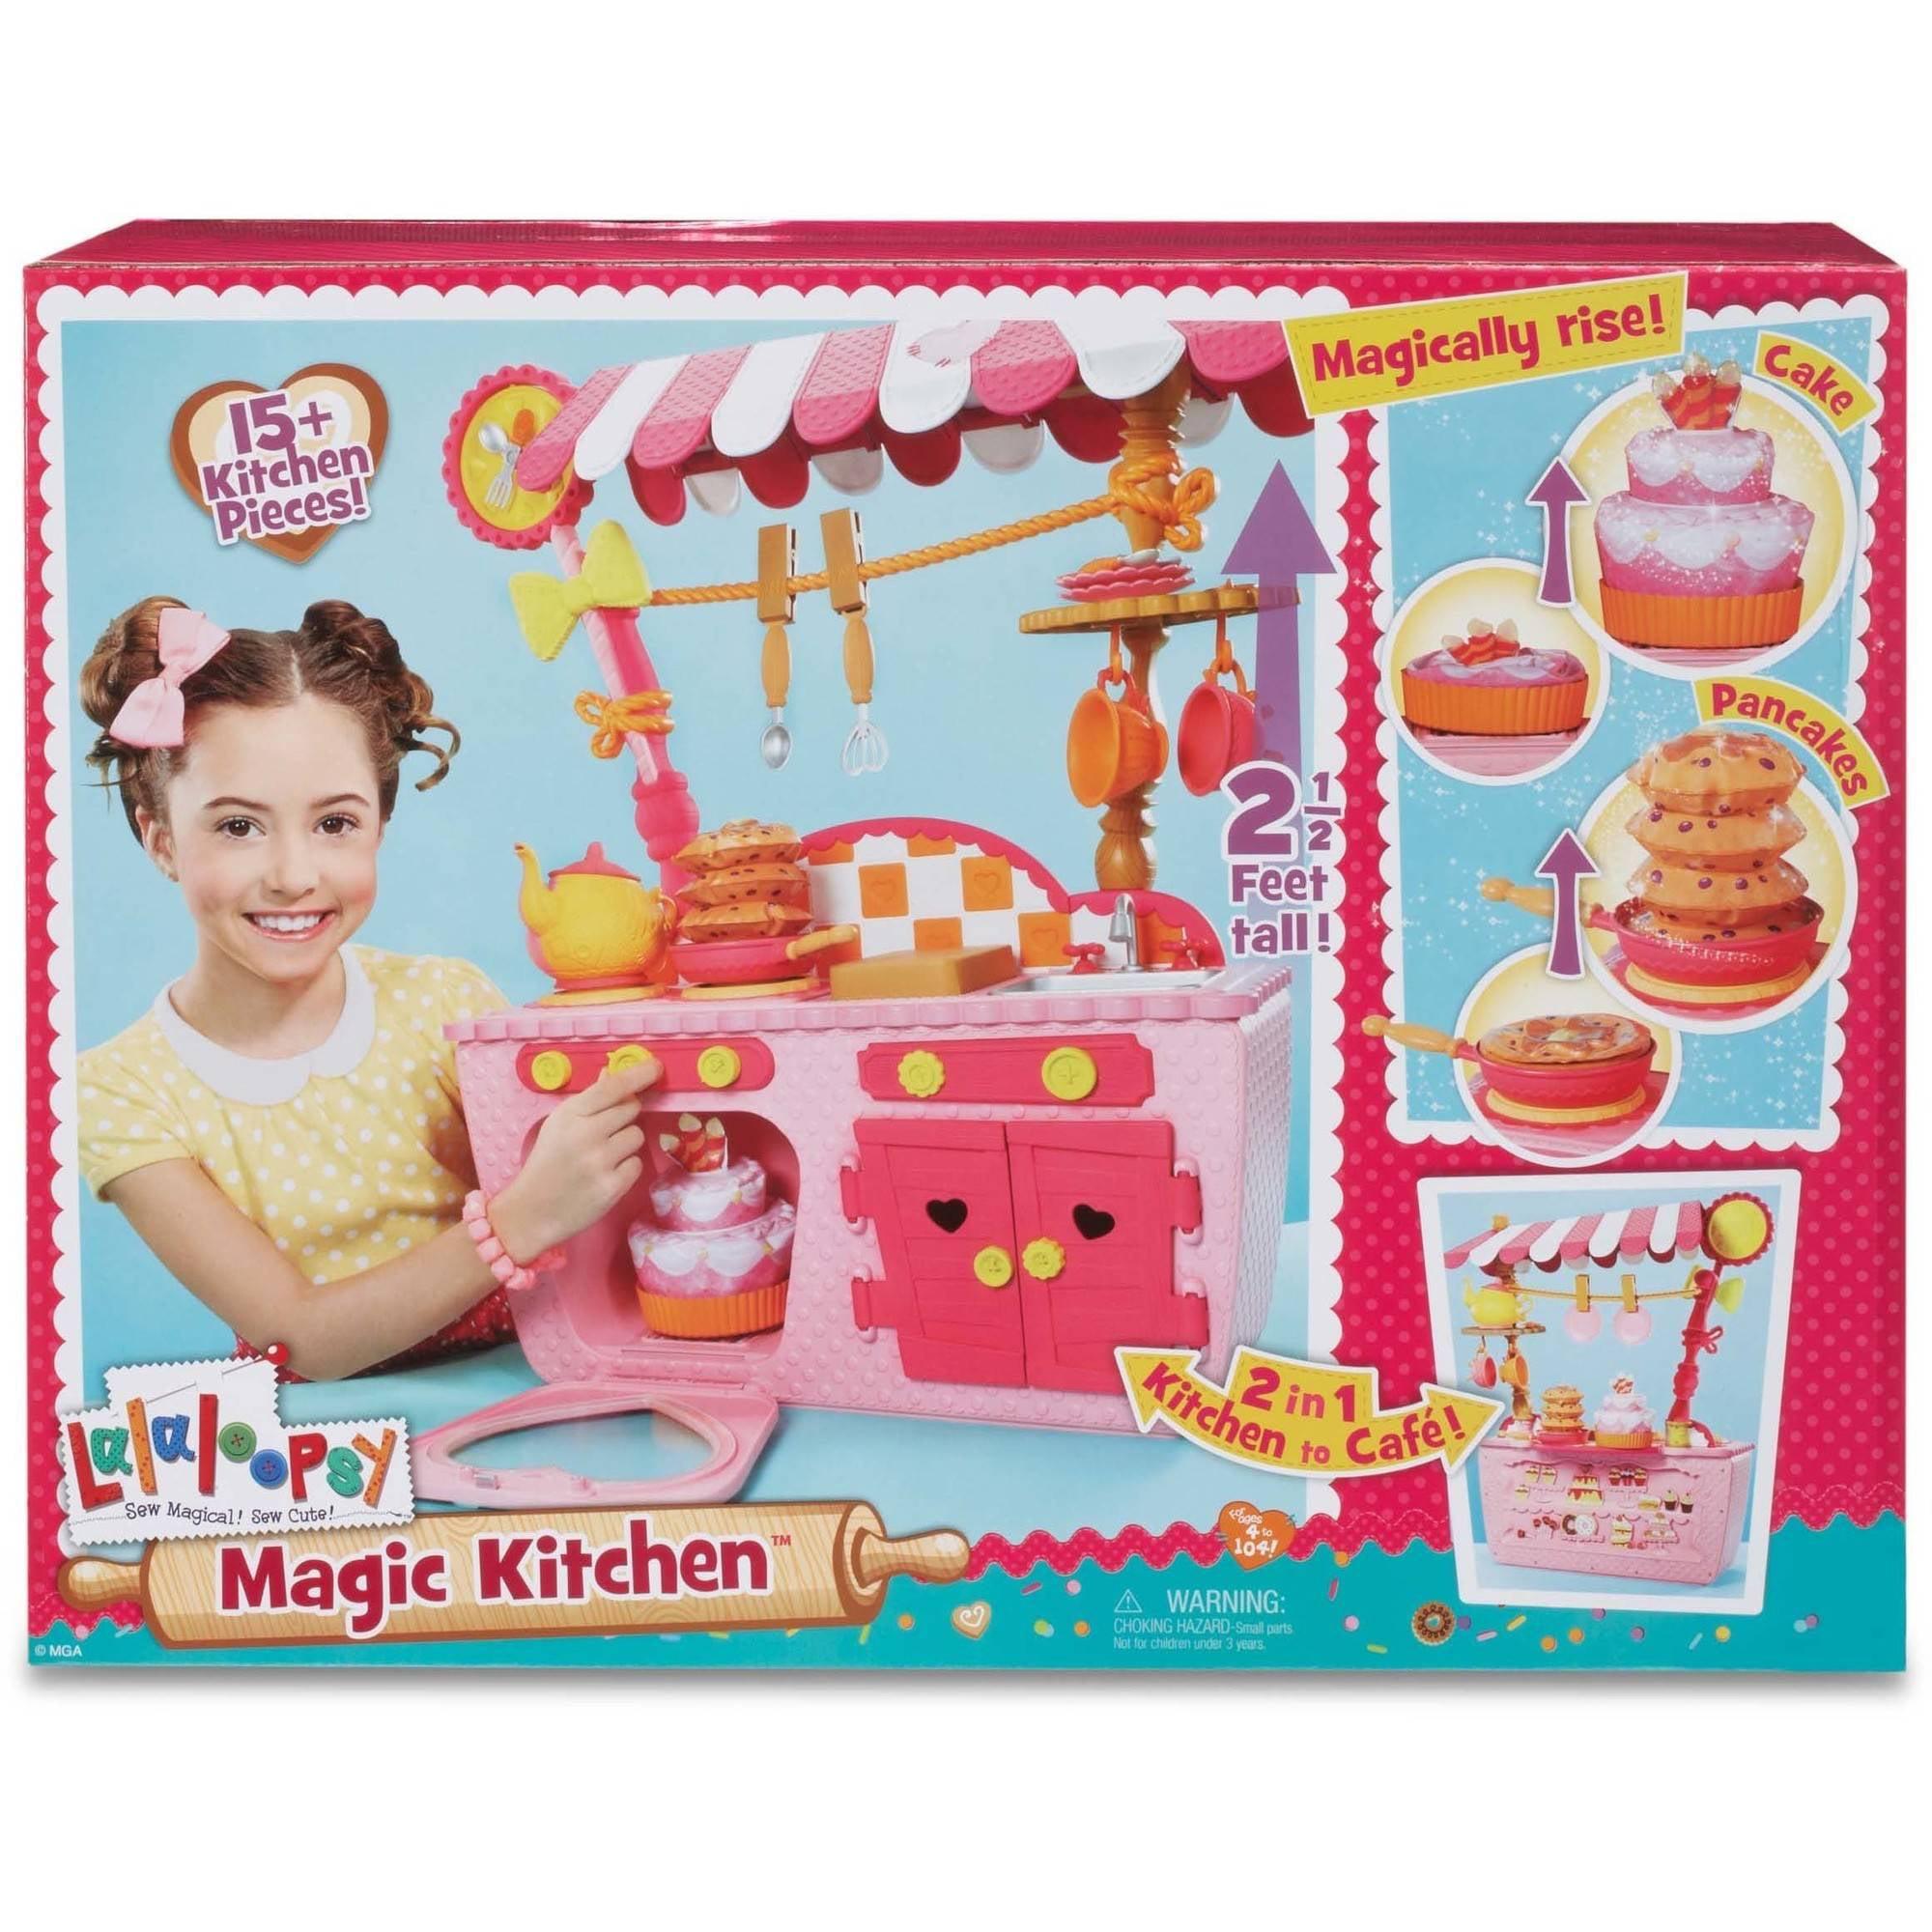 Play Kitchen lalaloopsy magic play kitchen and cafe - walmart